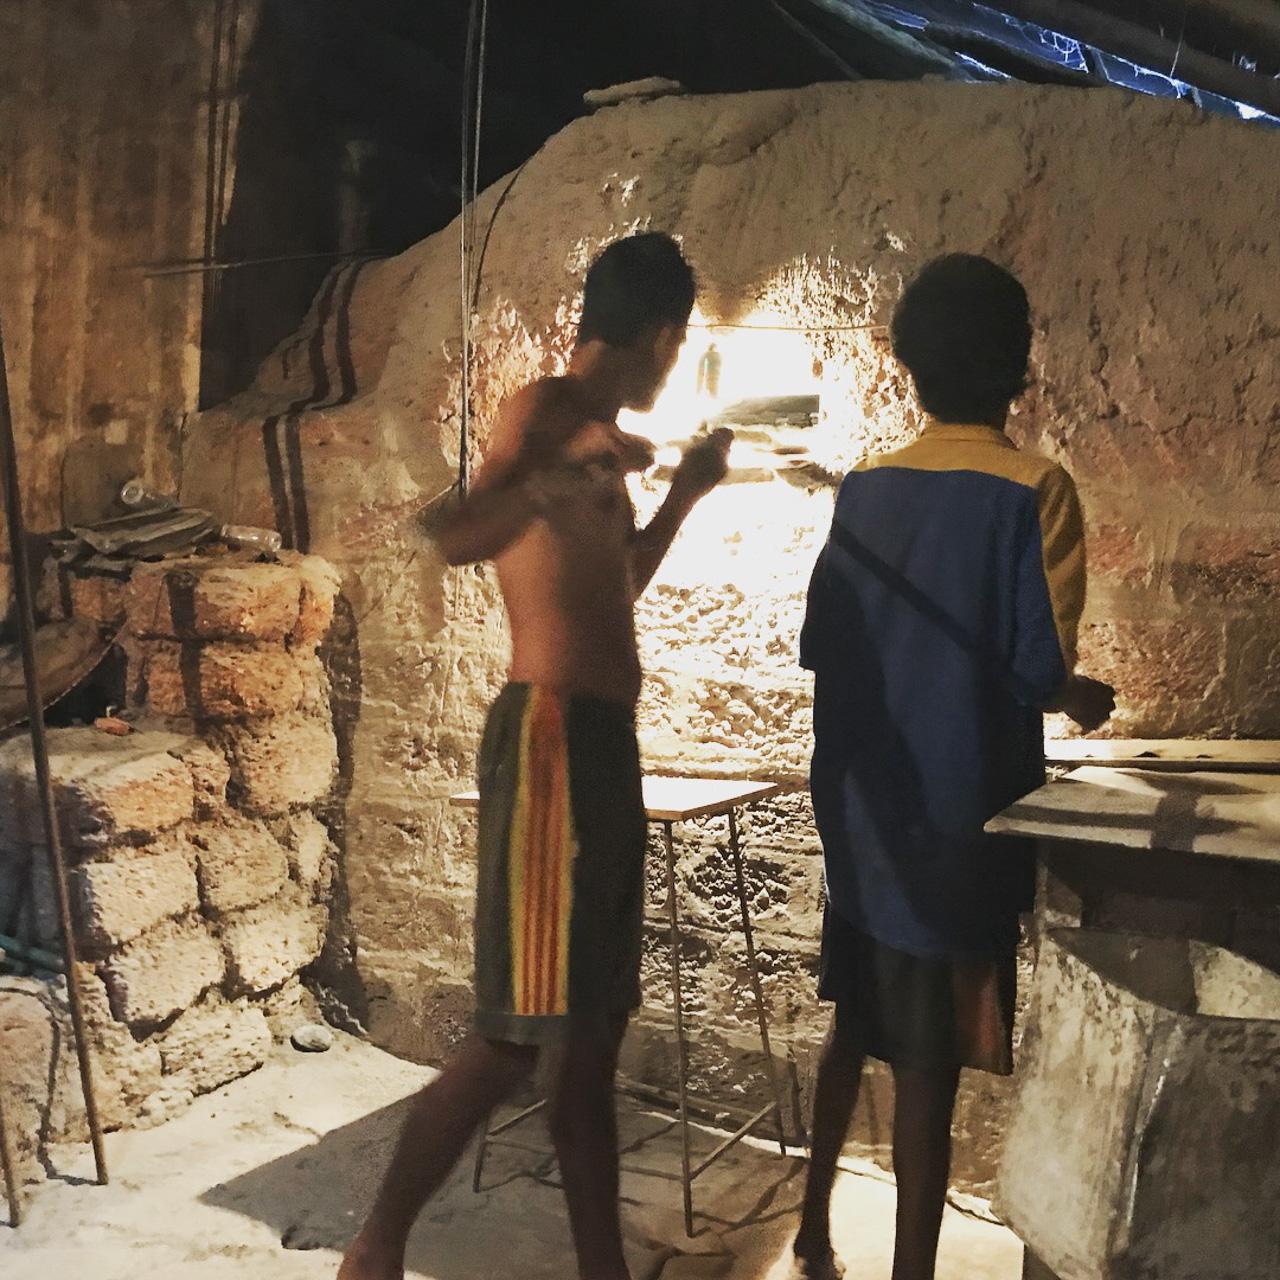 インド・ゴア州ベーカリー 焼きの作業